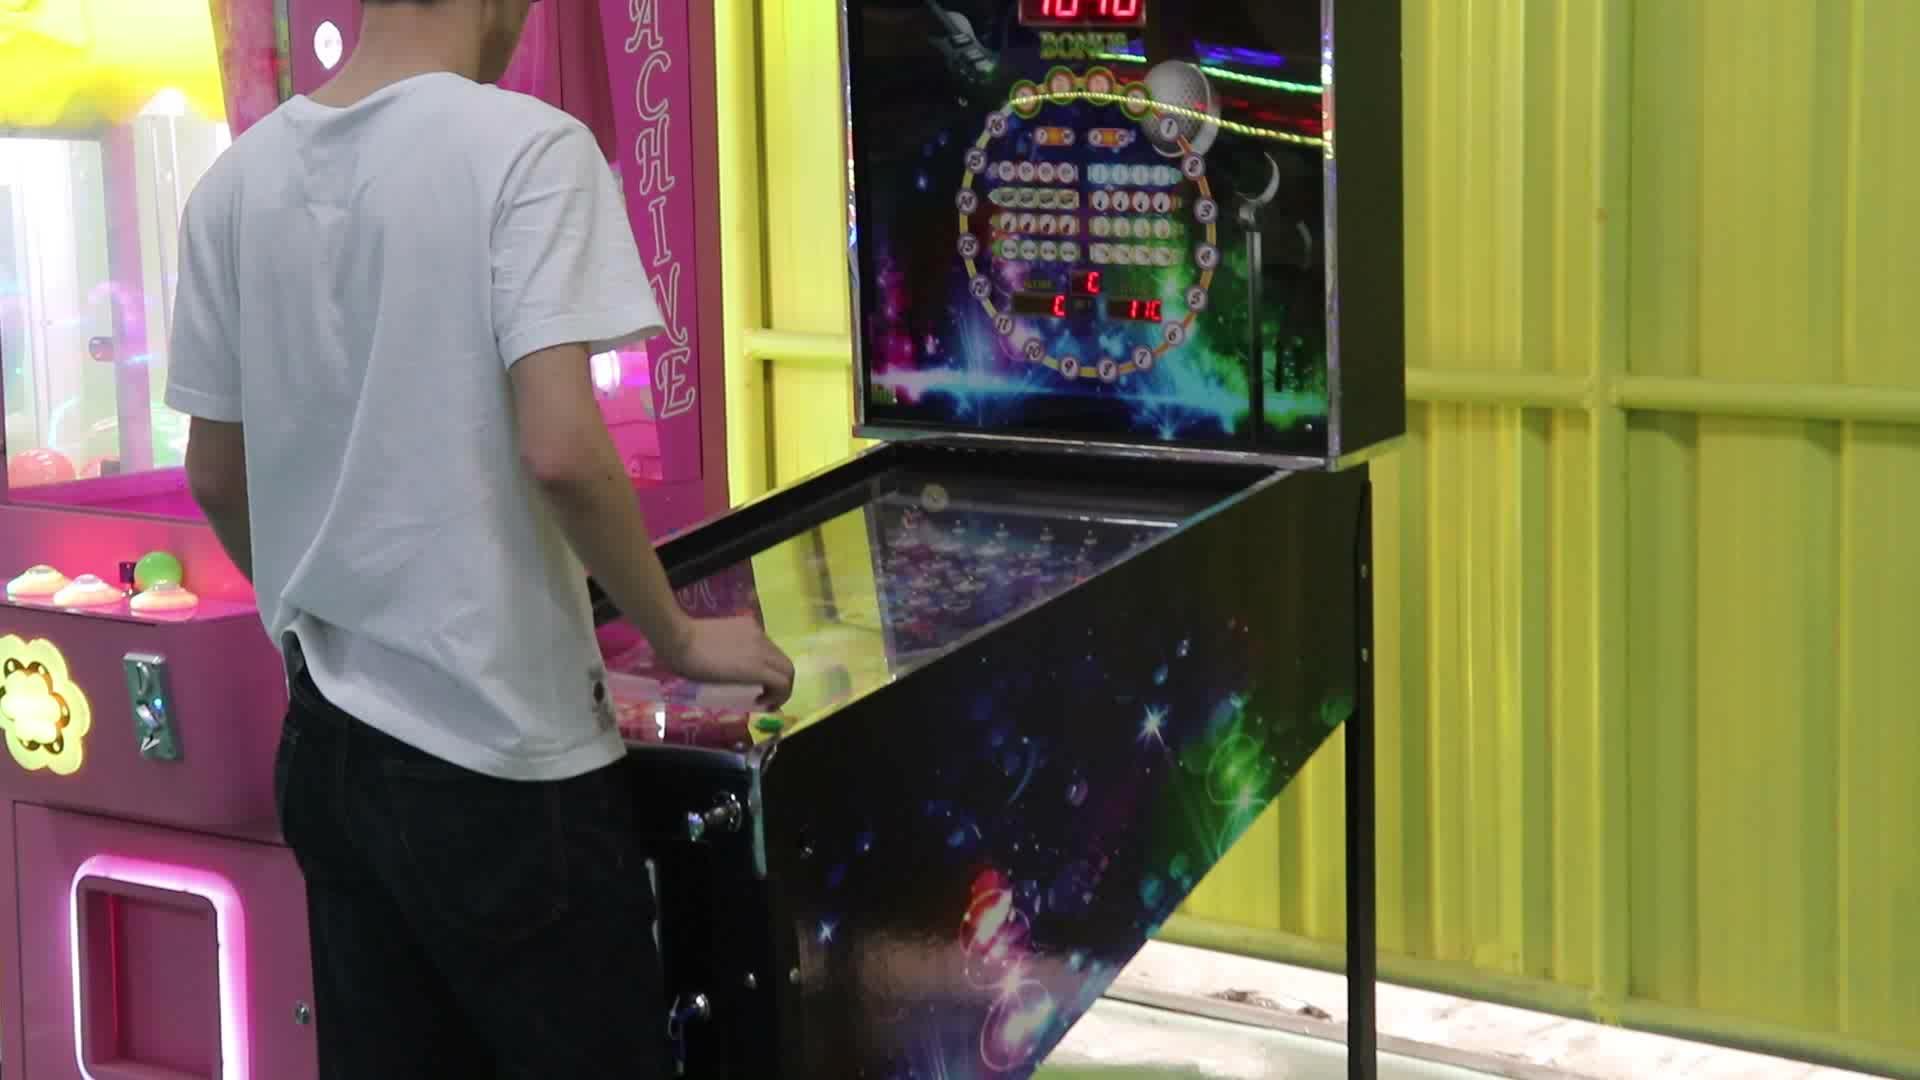 Virtual Elektronik Perjudian Mesin Pinball Menyimpan Skor Tinggi Fungsi Arcade Permainan untuk Orang Dewasa